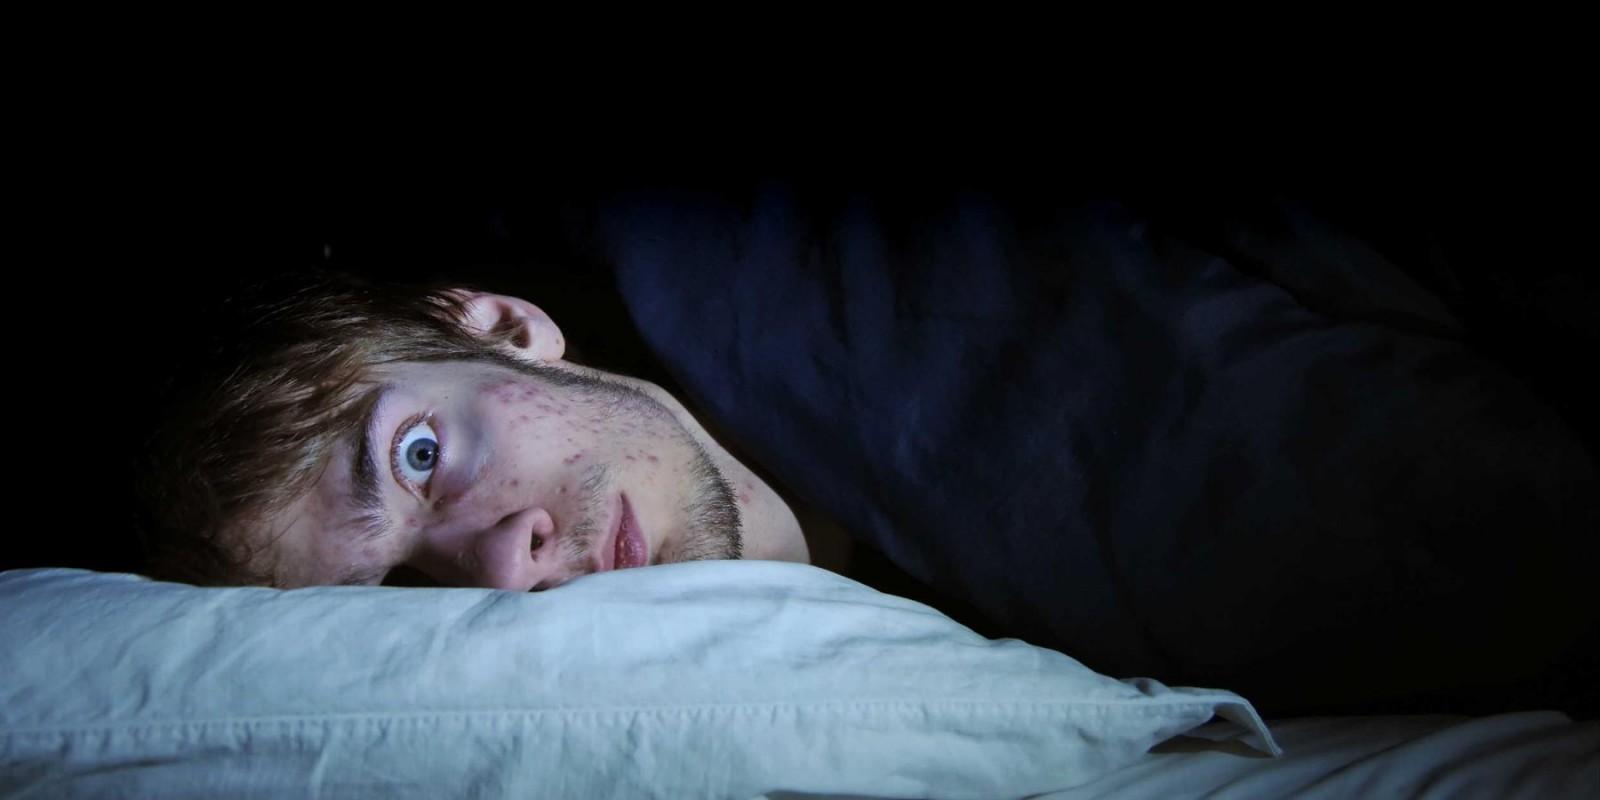 Parálisis del sueño, una experiencia aterradora